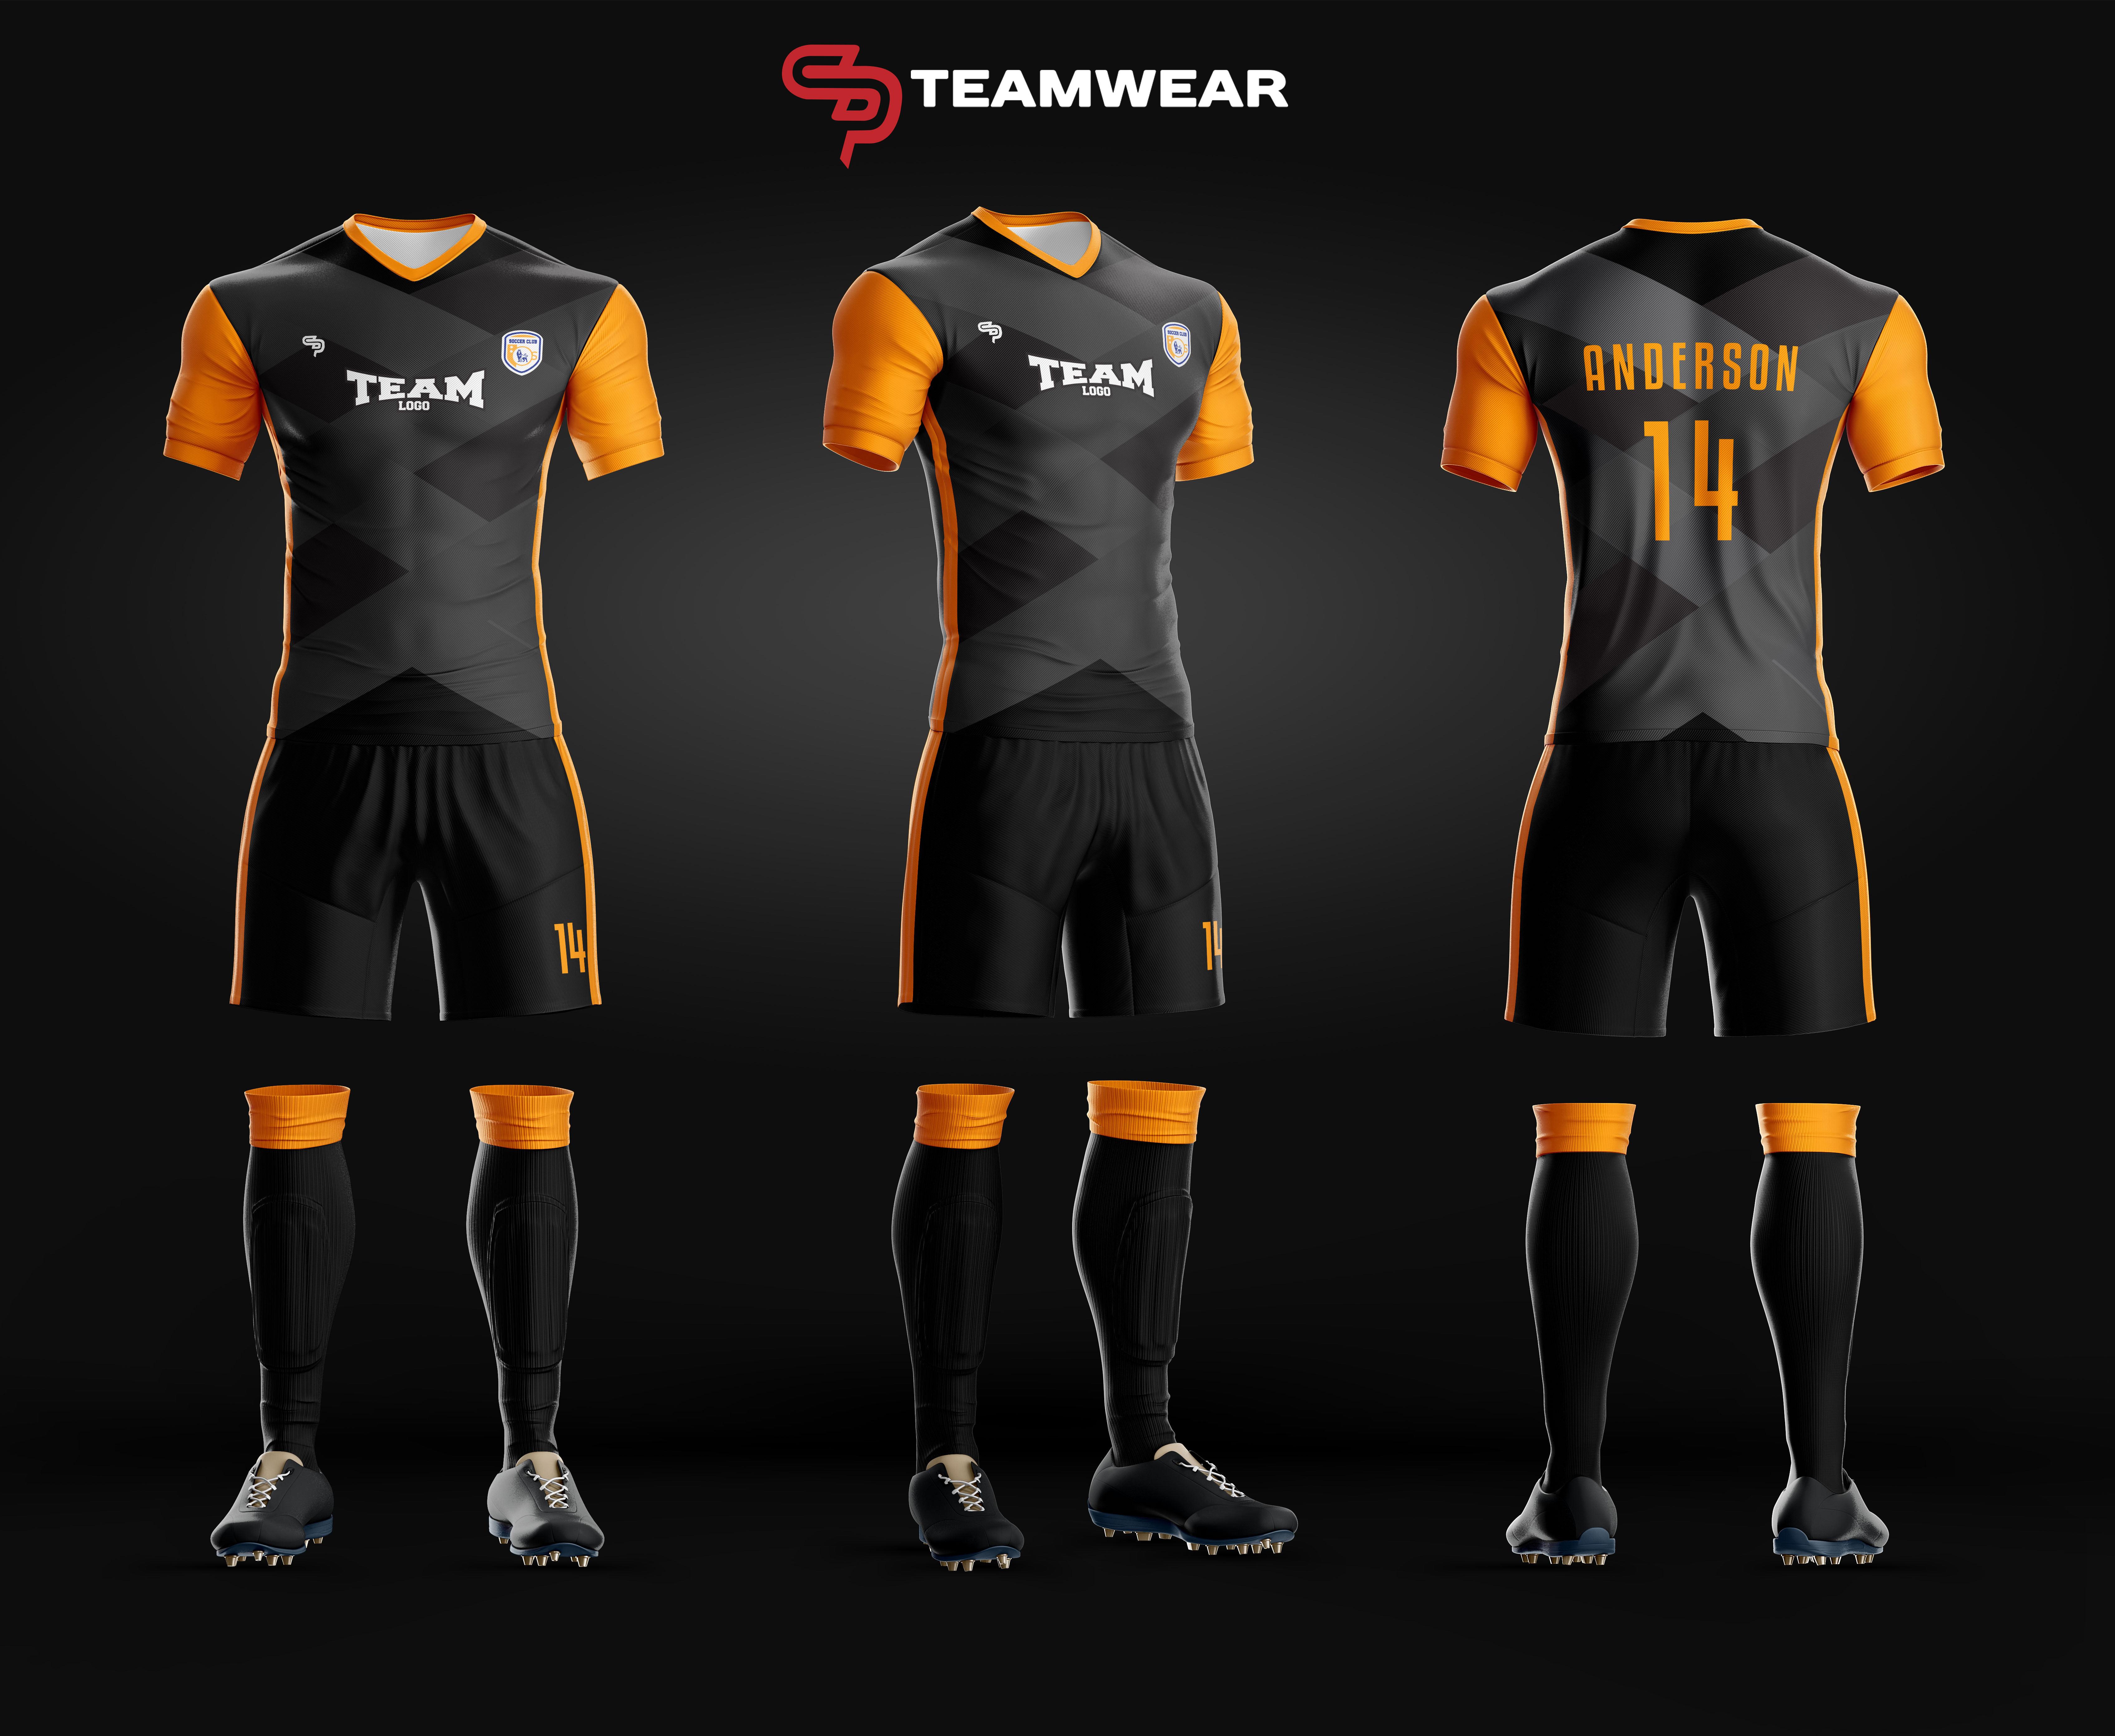 New Custom Soccer Uniform Designs! - Team Uniforms Jerseys ...